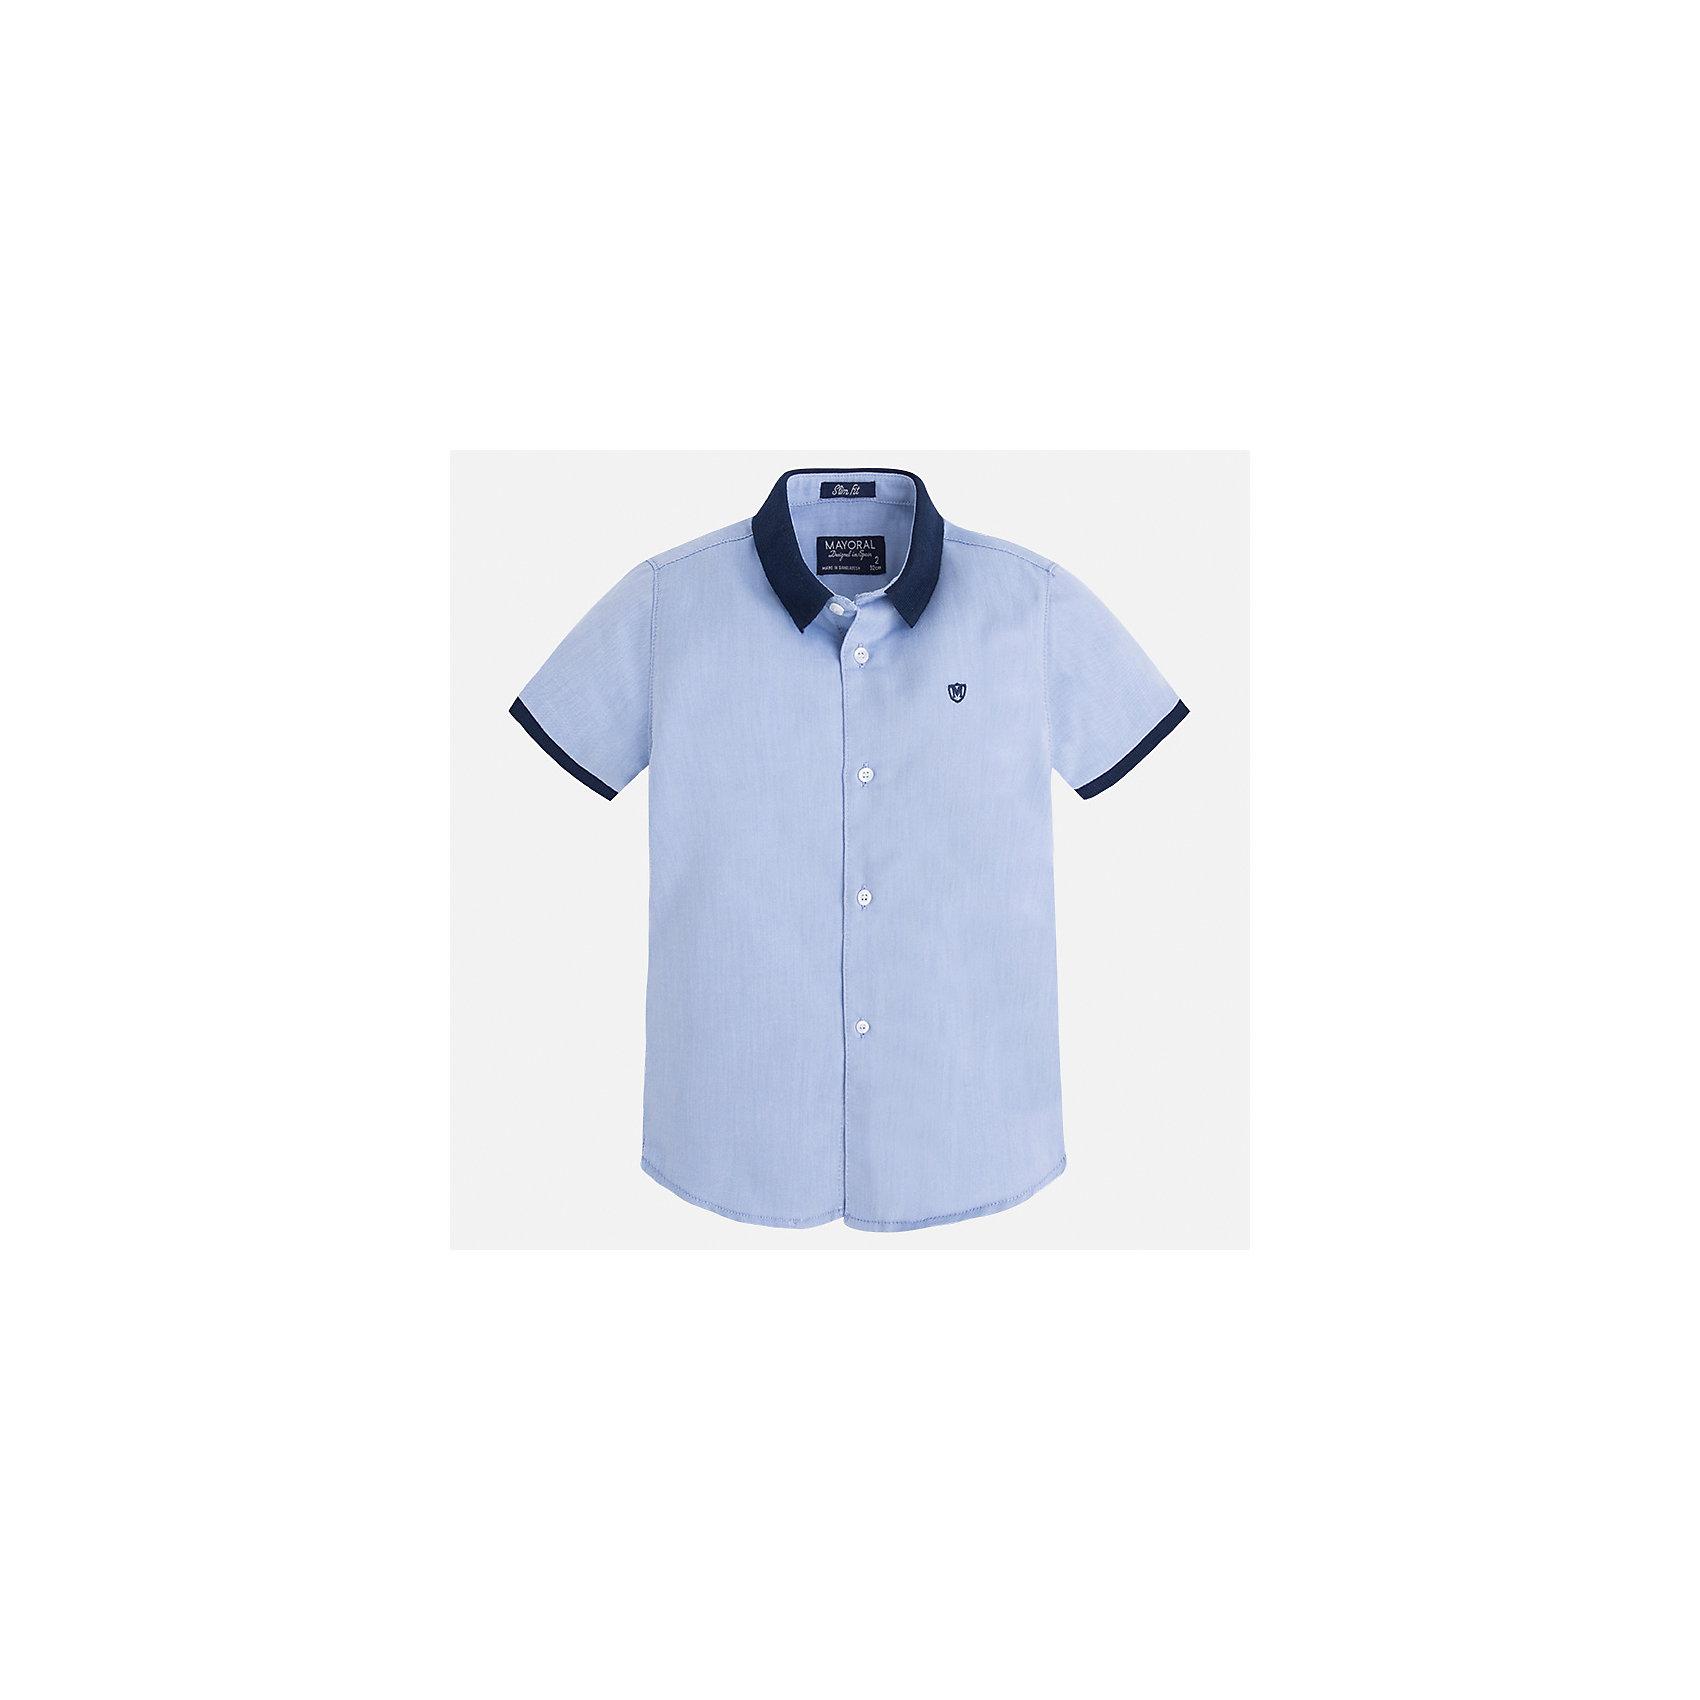 Рубашка для мальчика MayoralОдежда<br>Характеристики товара:<br><br>• цвет: голубой<br>• состав: 100% хлопок<br>• отложной воротник<br>• короткие рукава<br>• застежка: пуговицы<br>• вышивка на груди<br>• страна бренда: Испания<br><br>Стильная рубашка для мальчика может стать базовой вещью в гардеробе ребенка. Она отлично сочетается с брюками, шортами, джинсами и т.д. Универсальный крой и цвет позволяет подобрать к вещи низ разных расцветок. Практичное и стильное изделие! В составе материала - только натуральный хлопок, гипоаллергенный, приятный на ощупь, дышащий.<br><br>Одежда, обувь и аксессуары от испанского бренда Mayoral полюбились детям и взрослым по всему миру. Модели этой марки - стильные и удобные. Для их производства используются только безопасные, качественные материалы и фурнитура. Порадуйте ребенка модными и красивыми вещами от Mayoral! <br><br>Рубашку для мальчика от испанского бренда Mayoral (Майорал) можно купить в нашем интернет-магазине.<br><br>Ширина мм: 174<br>Глубина мм: 10<br>Высота мм: 169<br>Вес г: 157<br>Цвет: голубой<br>Возраст от месяцев: 96<br>Возраст до месяцев: 108<br>Пол: Мужской<br>Возраст: Детский<br>Размер: 134,128,122,116,110,104,98,92<br>SKU: 5272261